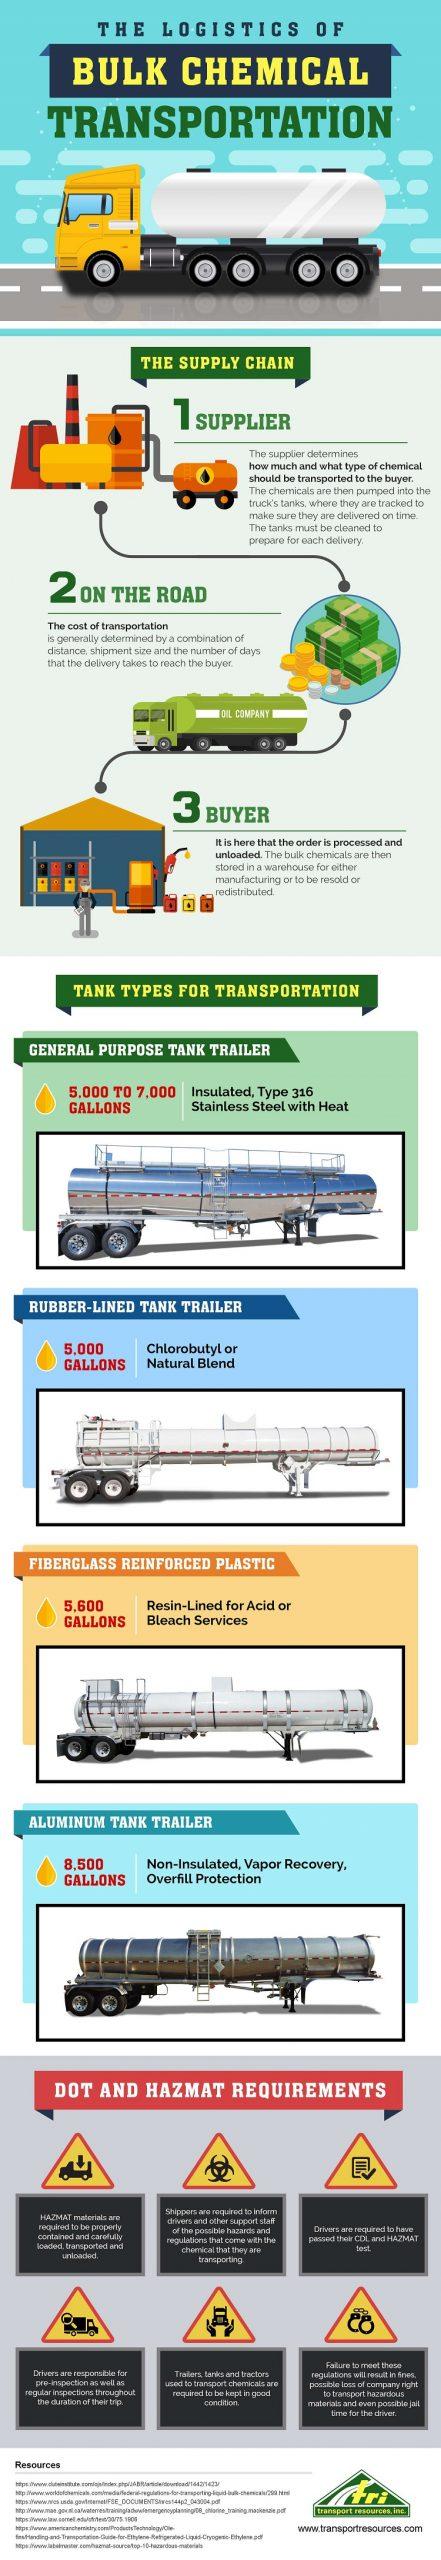 bulk chemical transportation